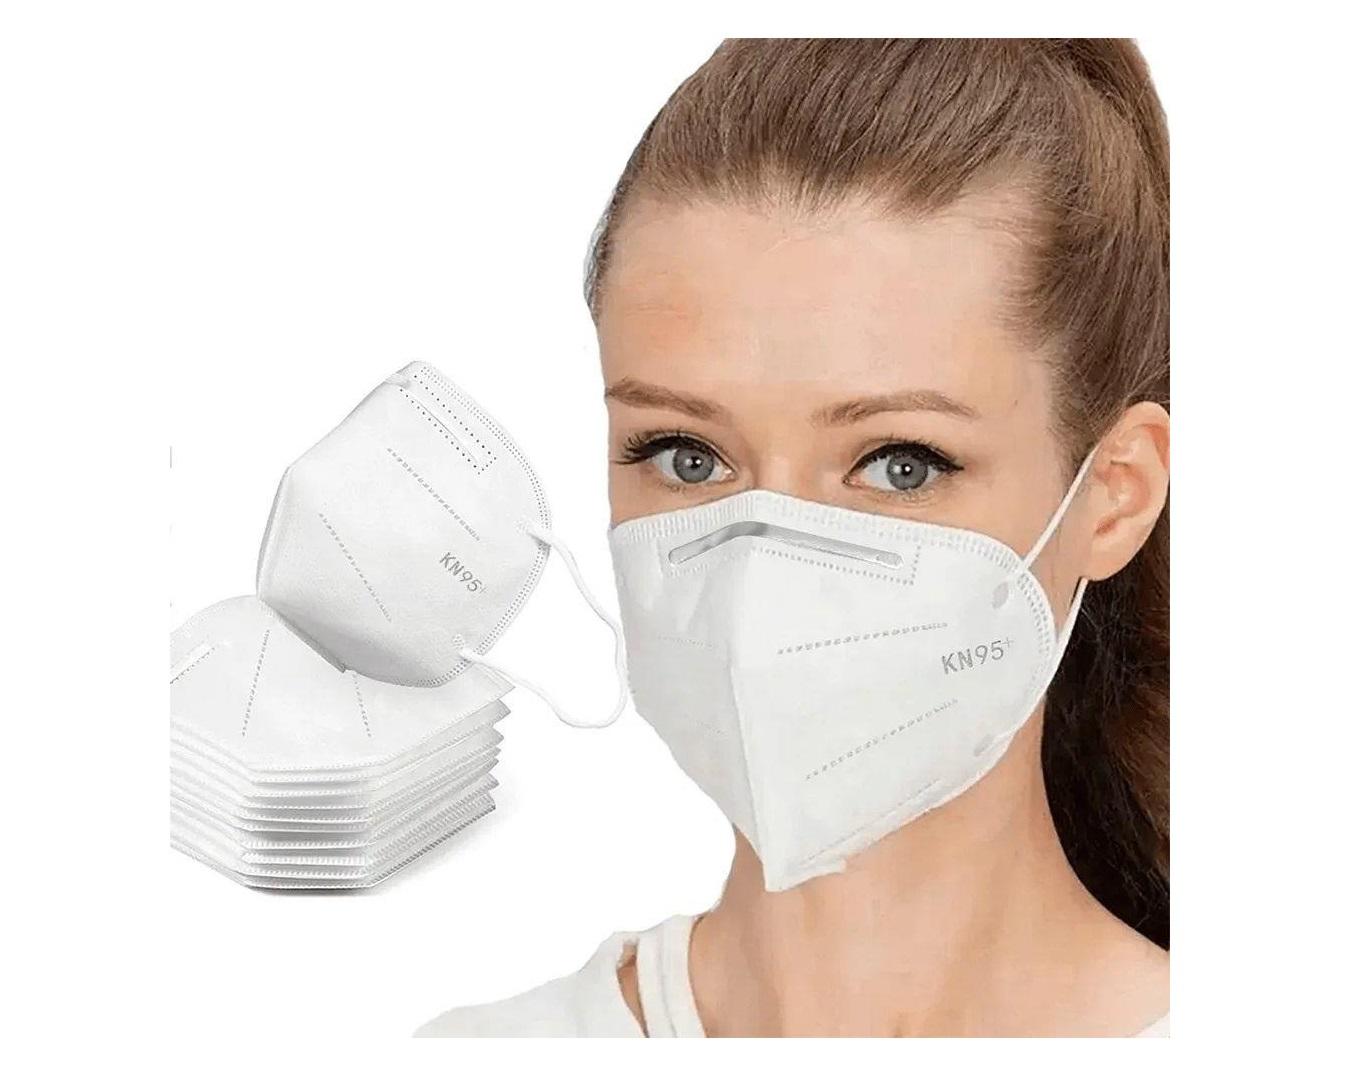 Máscara descartável Proteção Respiratória Facial KN95 4 camadas C/ Elástico e Clip Nasal Kit 10 Und.  - Mix Eletro